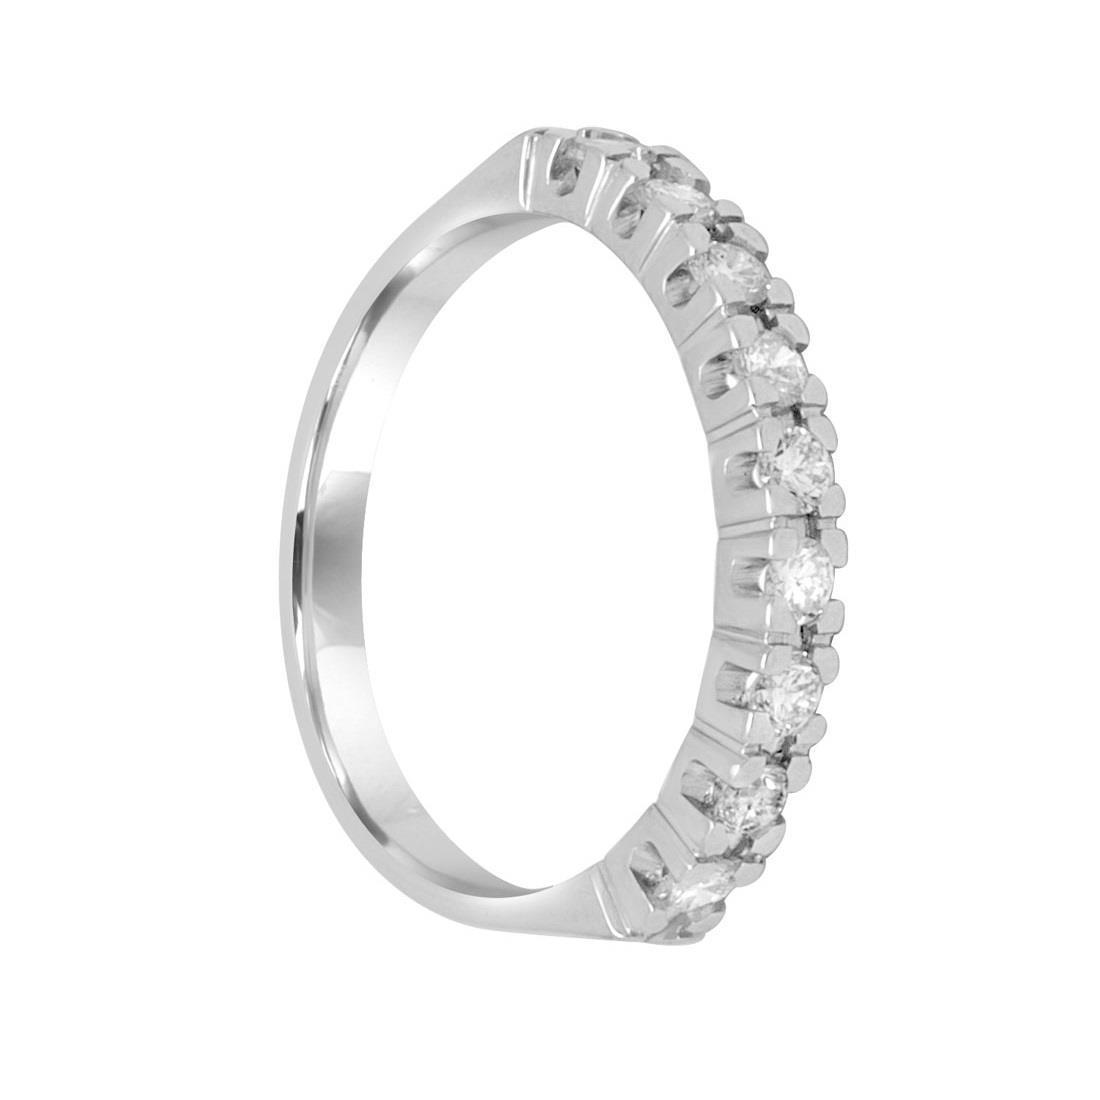 Anello veretta 9 pietre, diamanti ct. 0,50 - ORO&CO